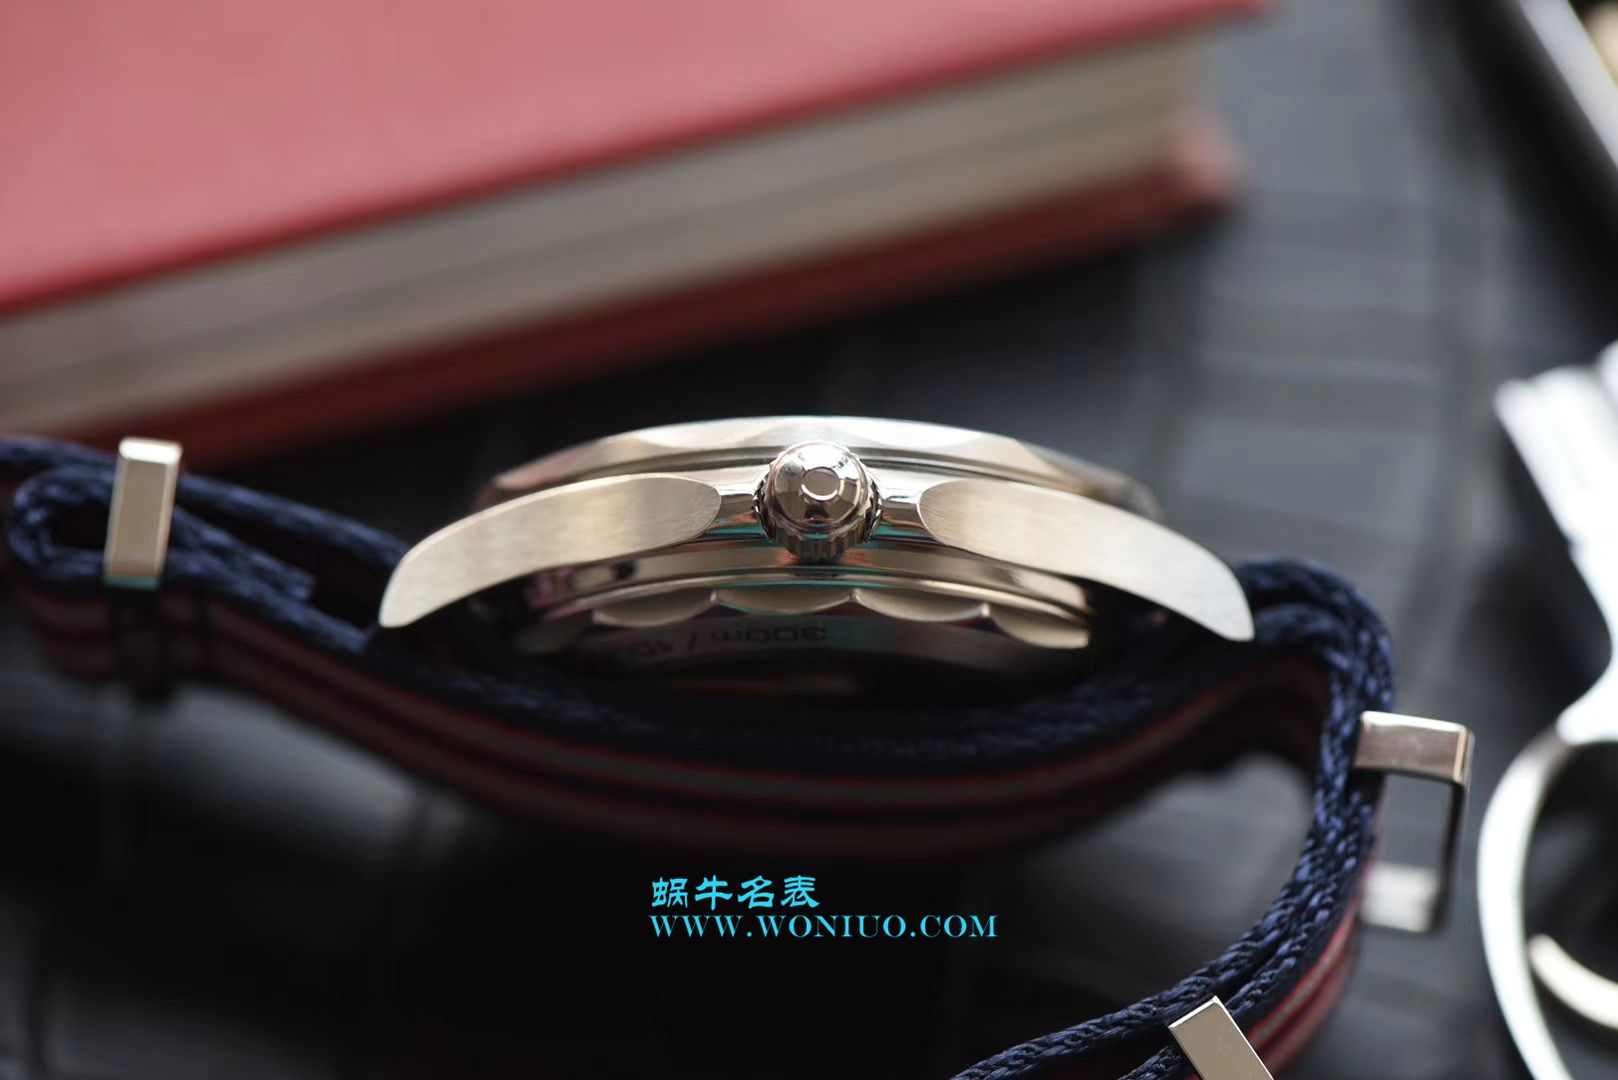 【VS一比一超A高仿手表】欧米茄海马系列210.32.42.20.03.001腕表 / M340